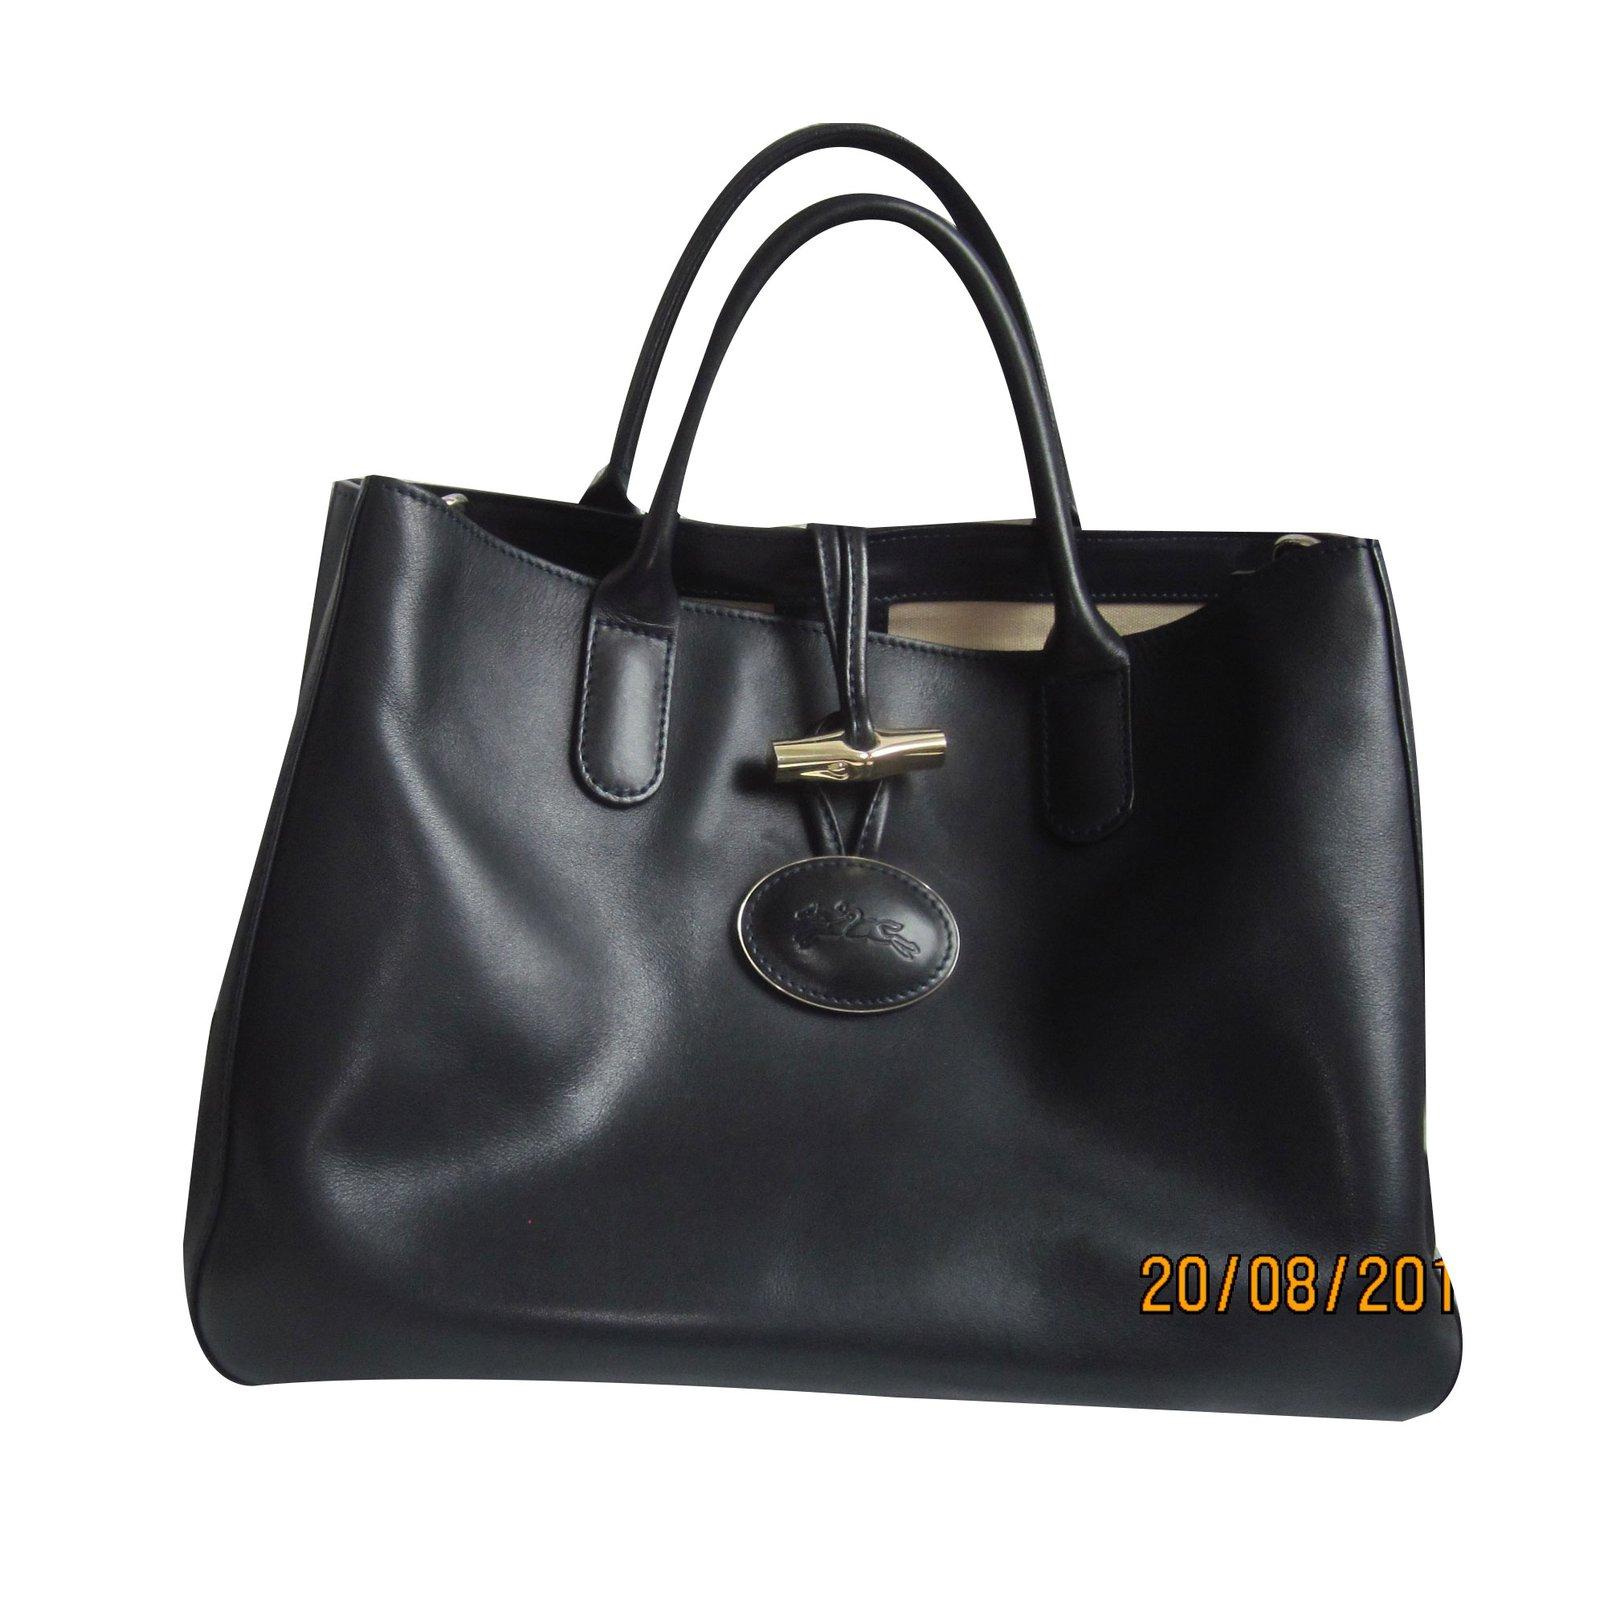 Sac Longchamp roseau héritage